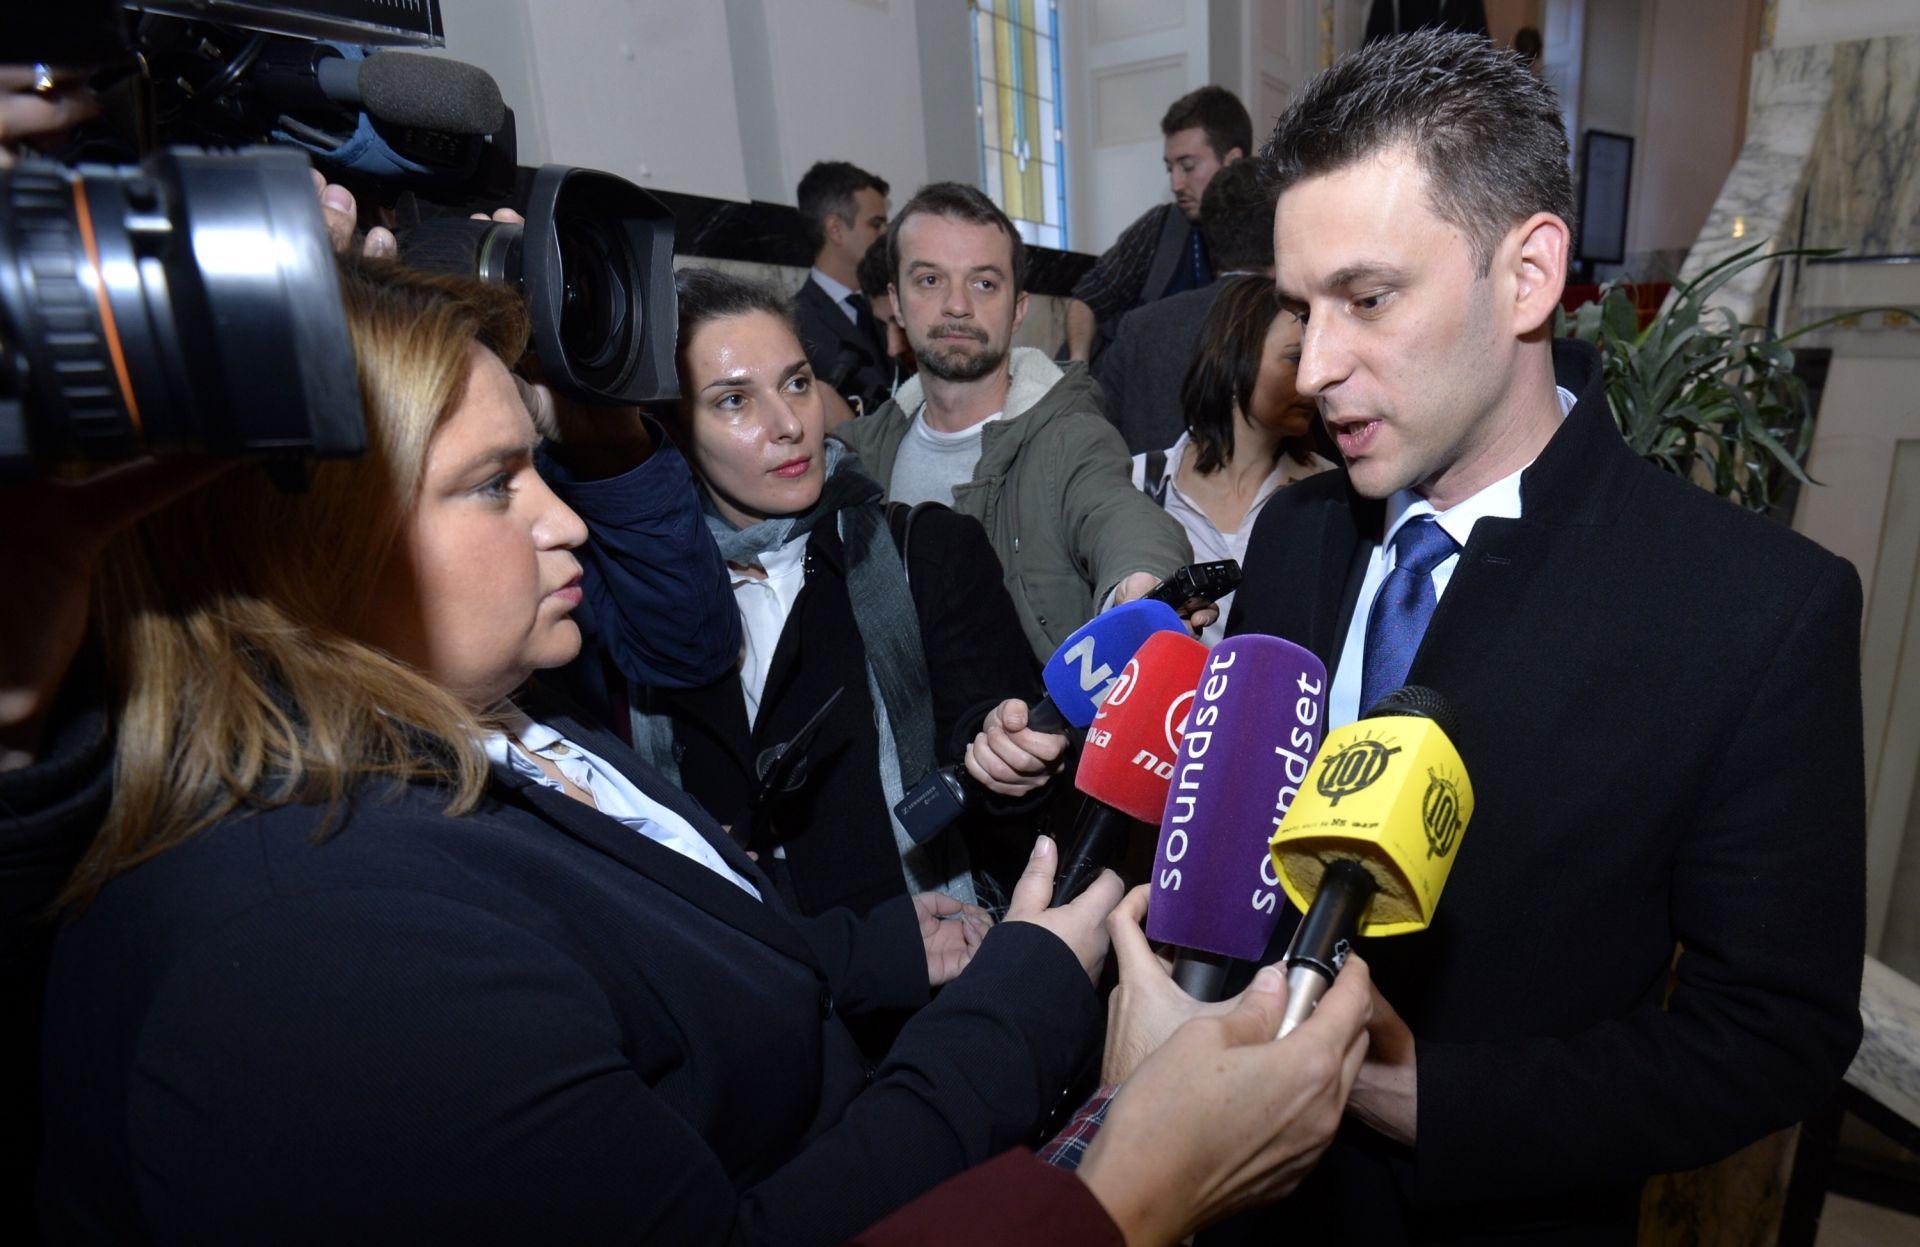 NEUSPJEŠNA KONSTITUIRAJUĆA SJEDNICA Petrov: Most ne priželjkuje nove izbore